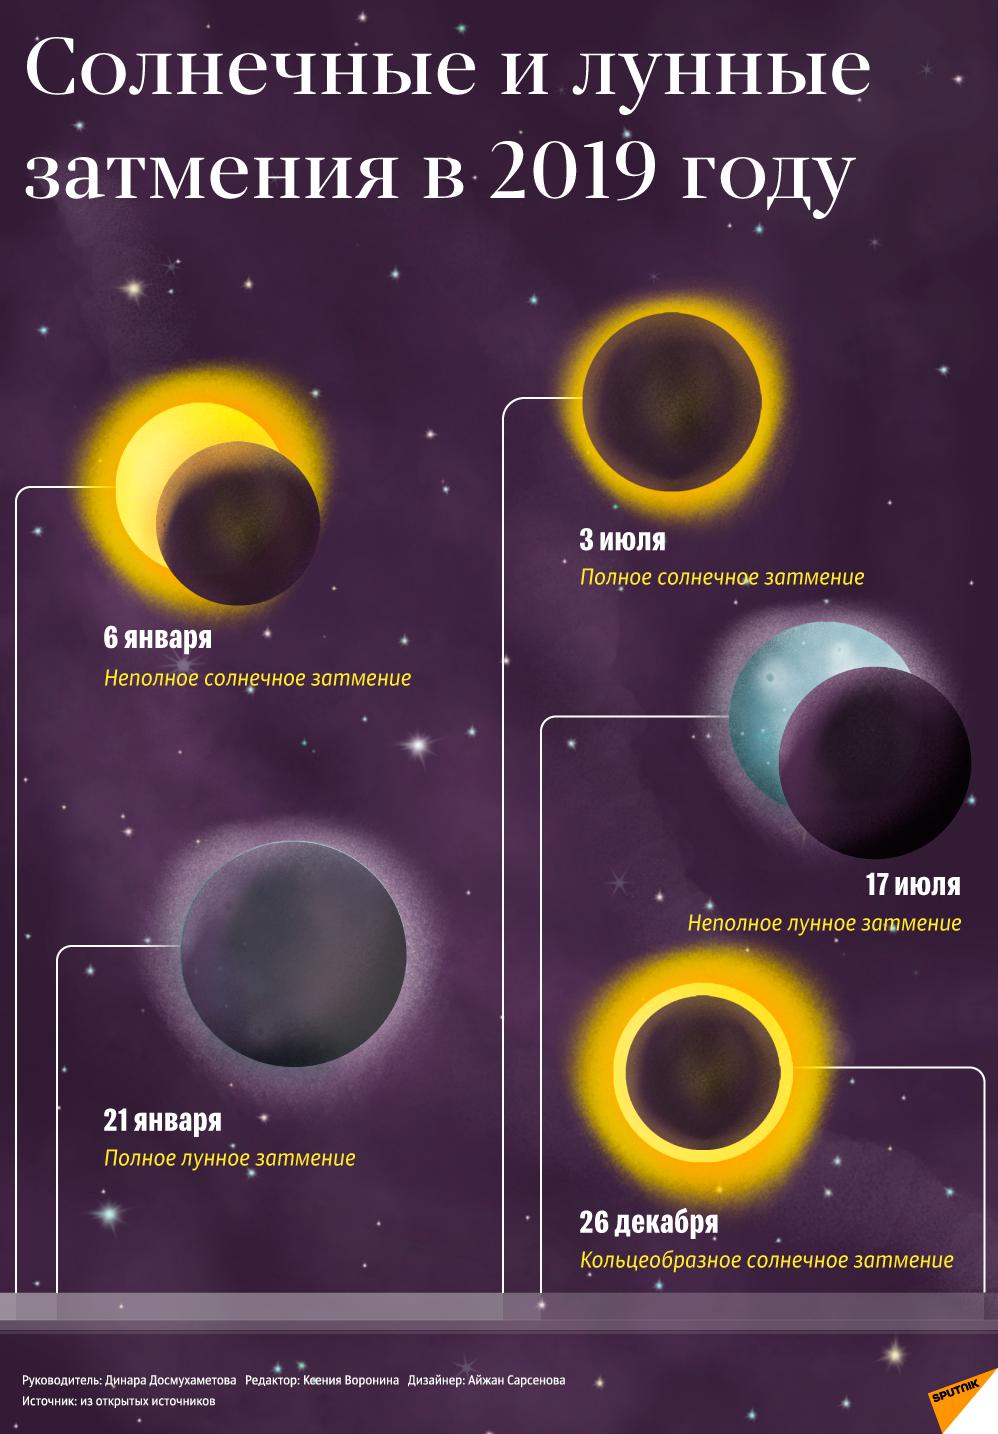 О солнечных и лунных затмениях 2019 года — инфографика